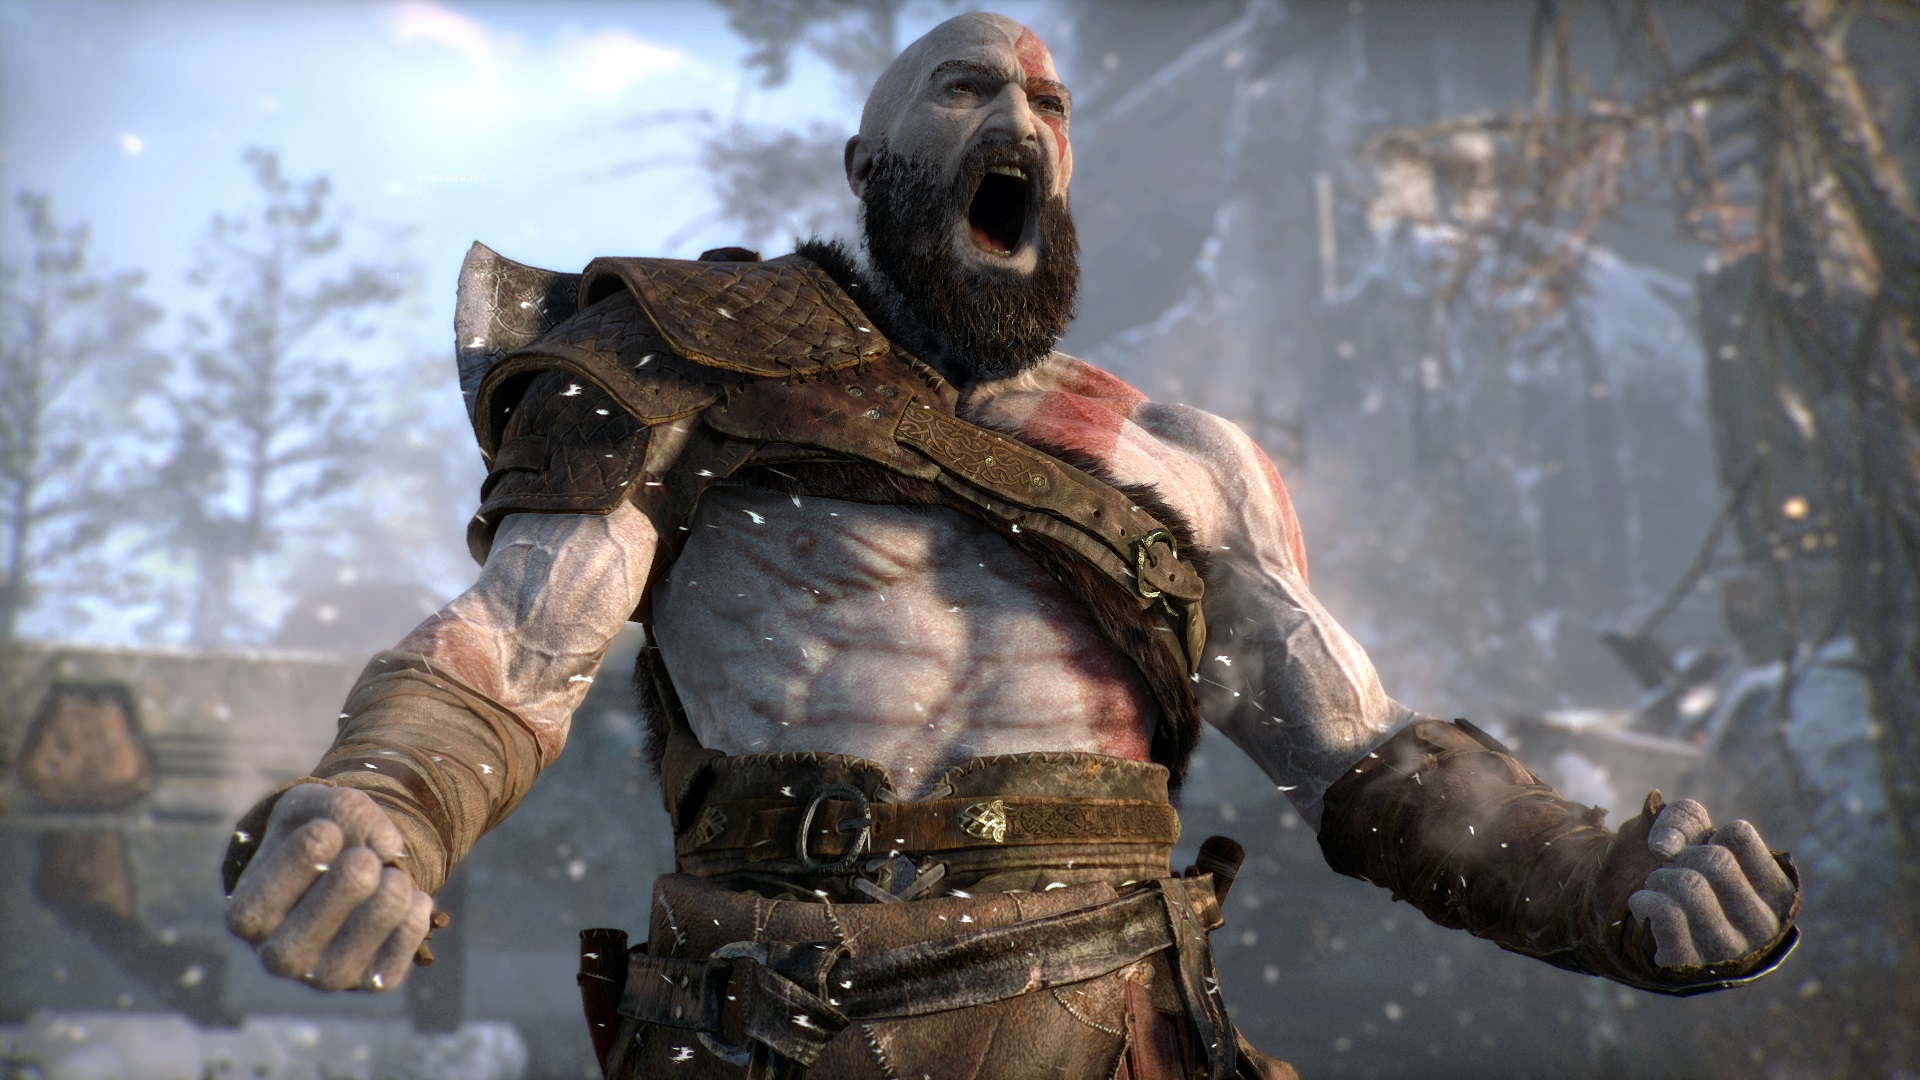 در God of War شاهد همکاری پویا بین کریتوس و پسرش در مبارزات خواهیم بود